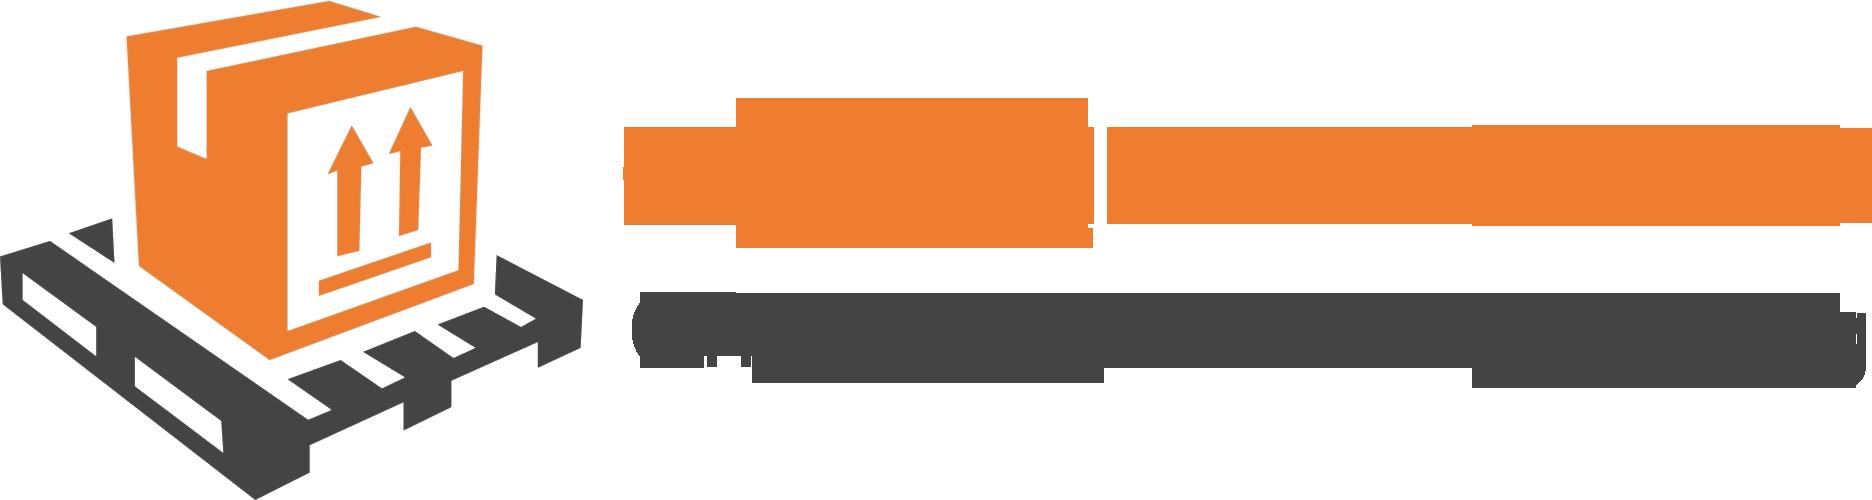 Ván ép LVL, Gỗ dán, Chip block, Pallet gỗ Hà Nội